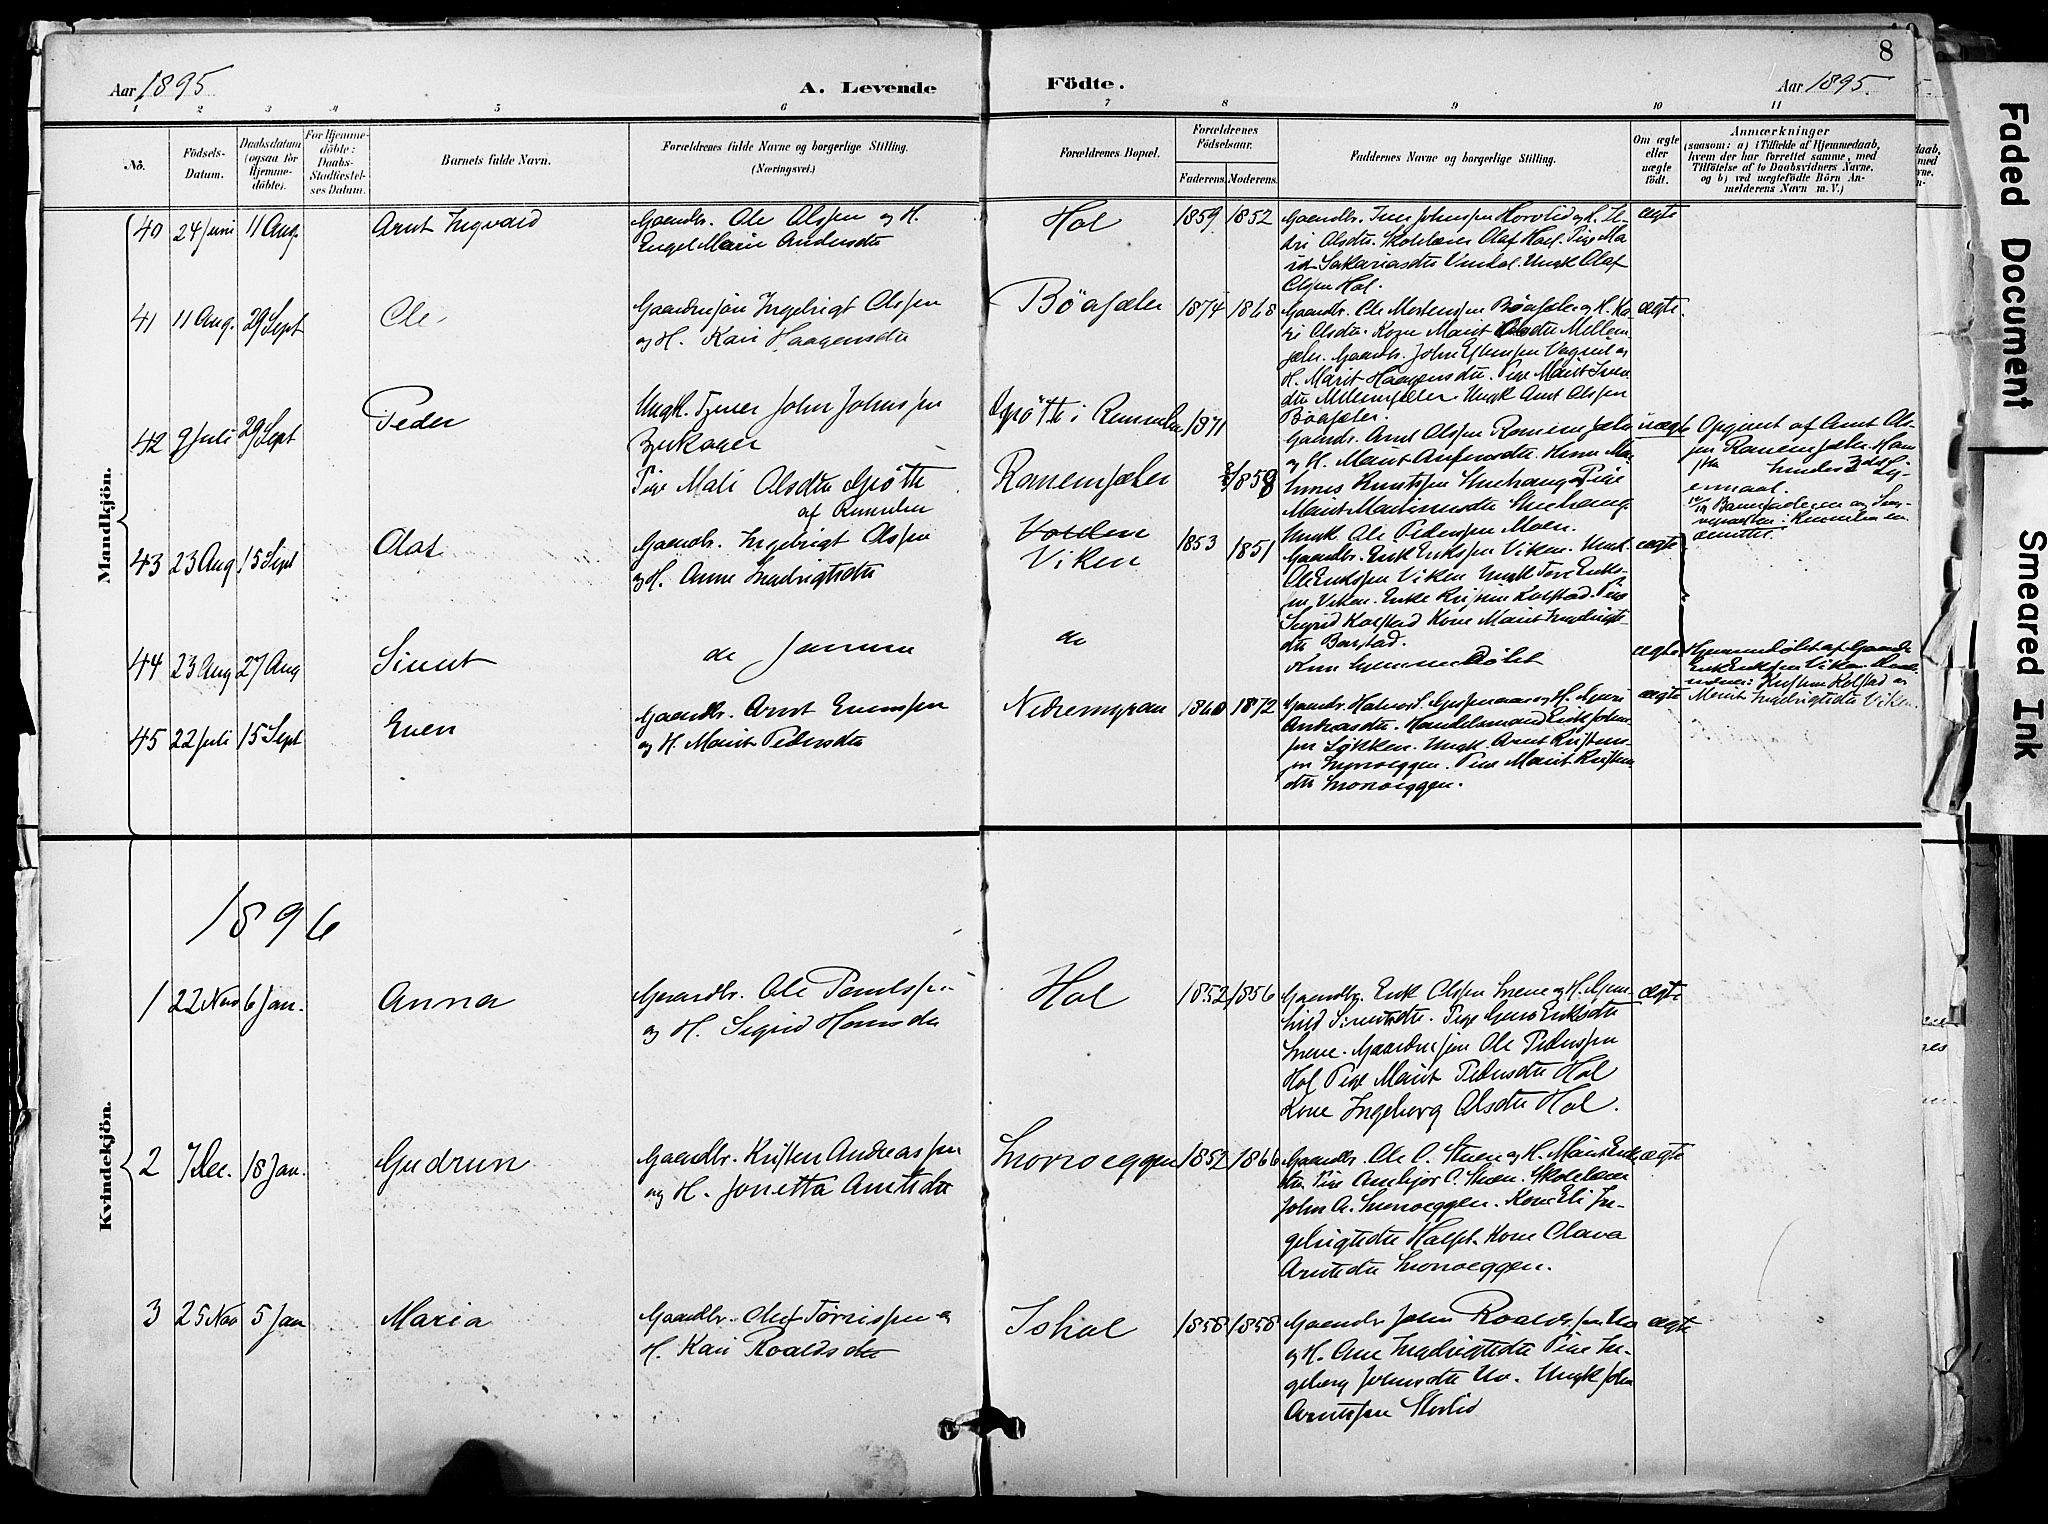 SAT, Ministerialprotokoller, klokkerbøker og fødselsregistre - Sør-Trøndelag, 678/L0902: Ministerialbok nr. 678A11, 1895-1911, s. 8